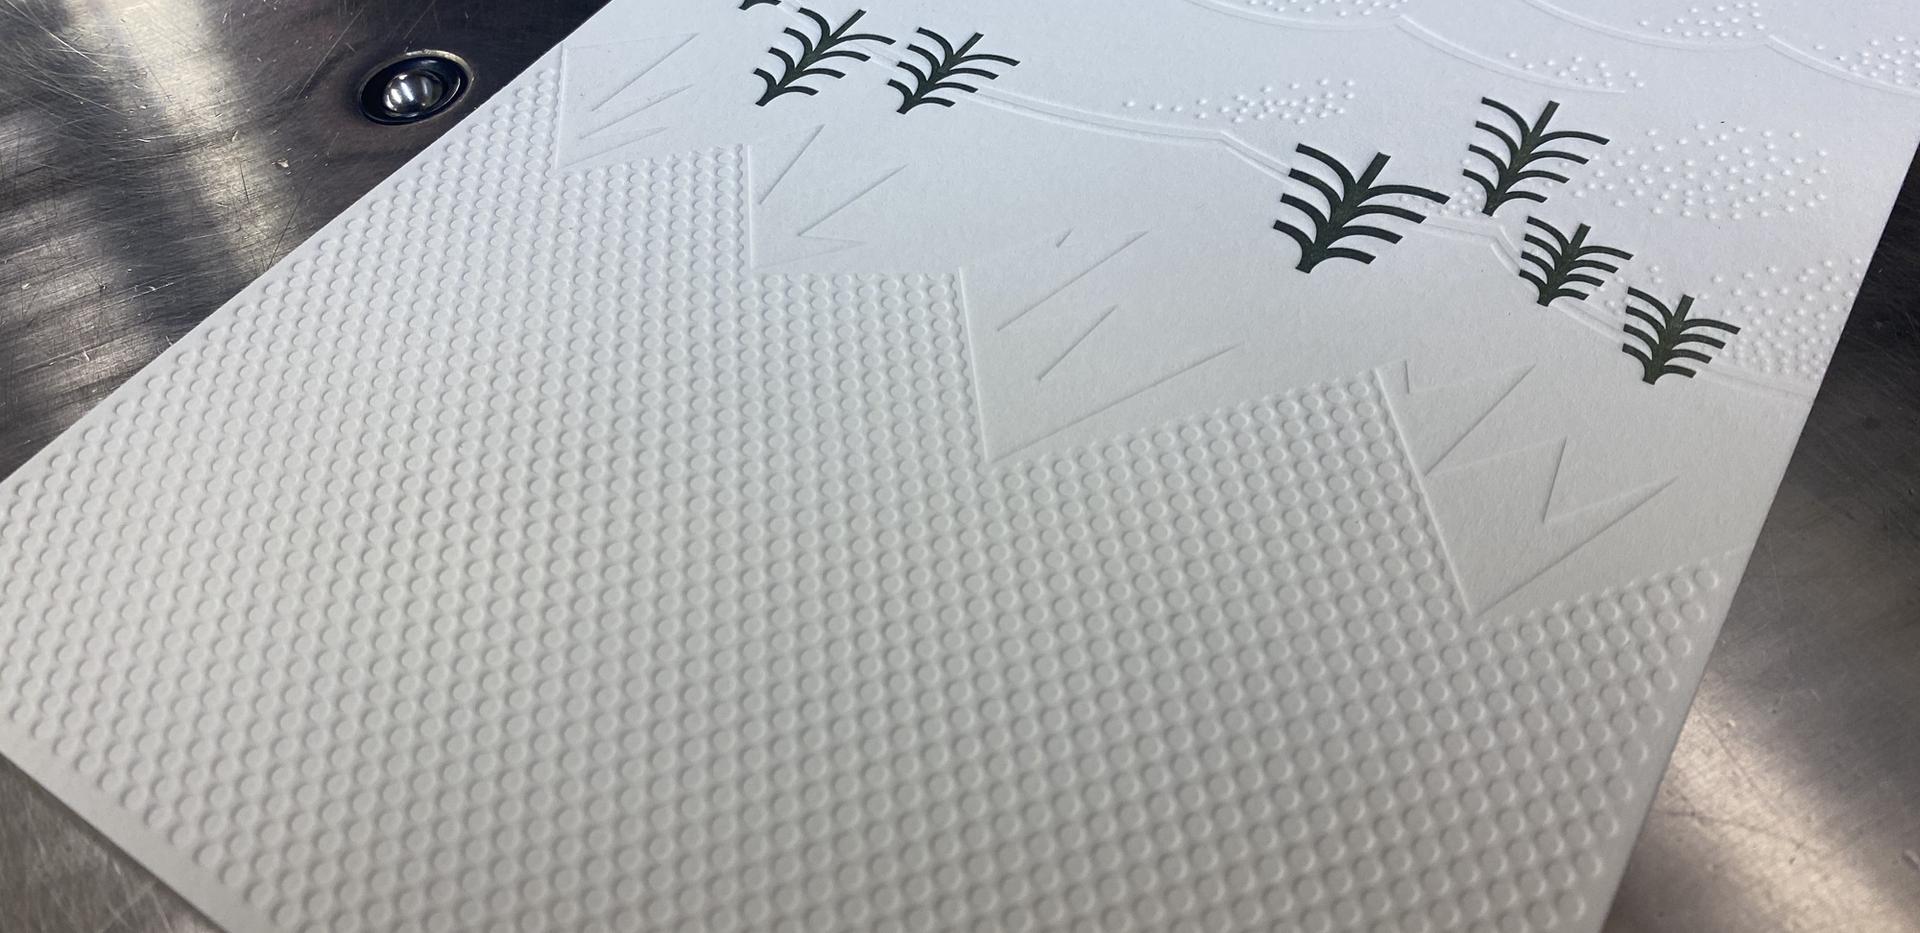 Letterpress Blind Deboss